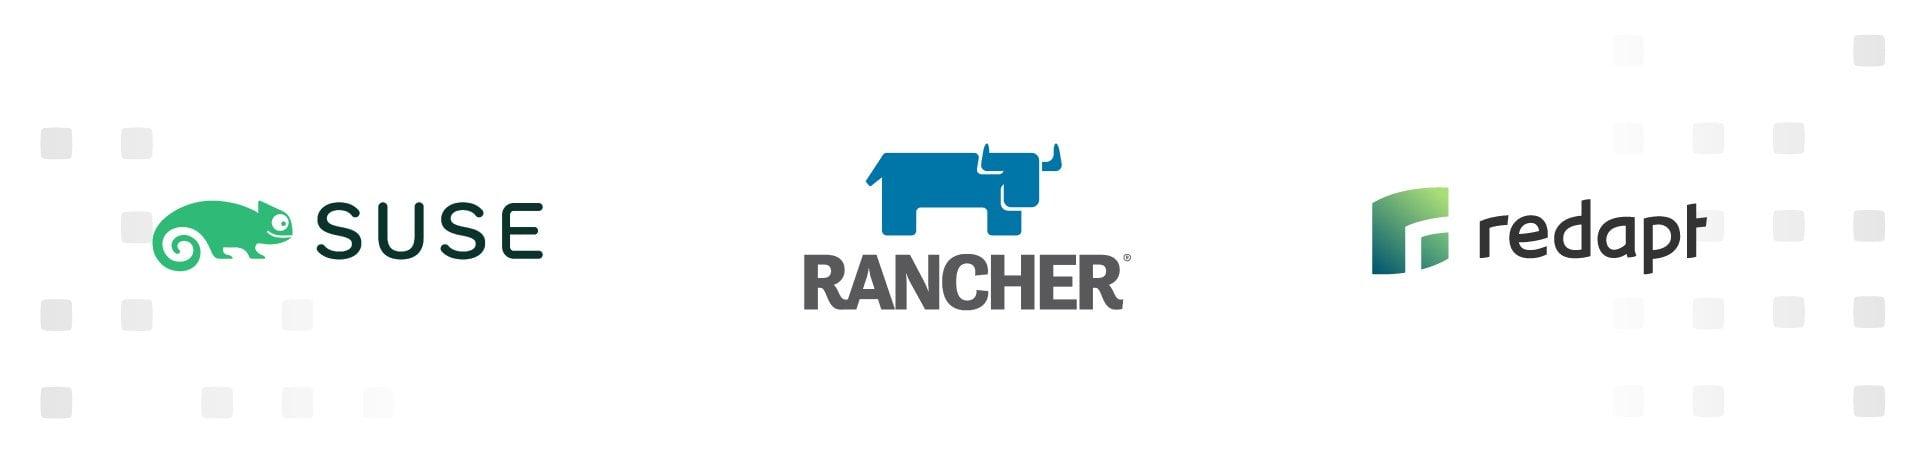 suse-rancher-redapt_logos